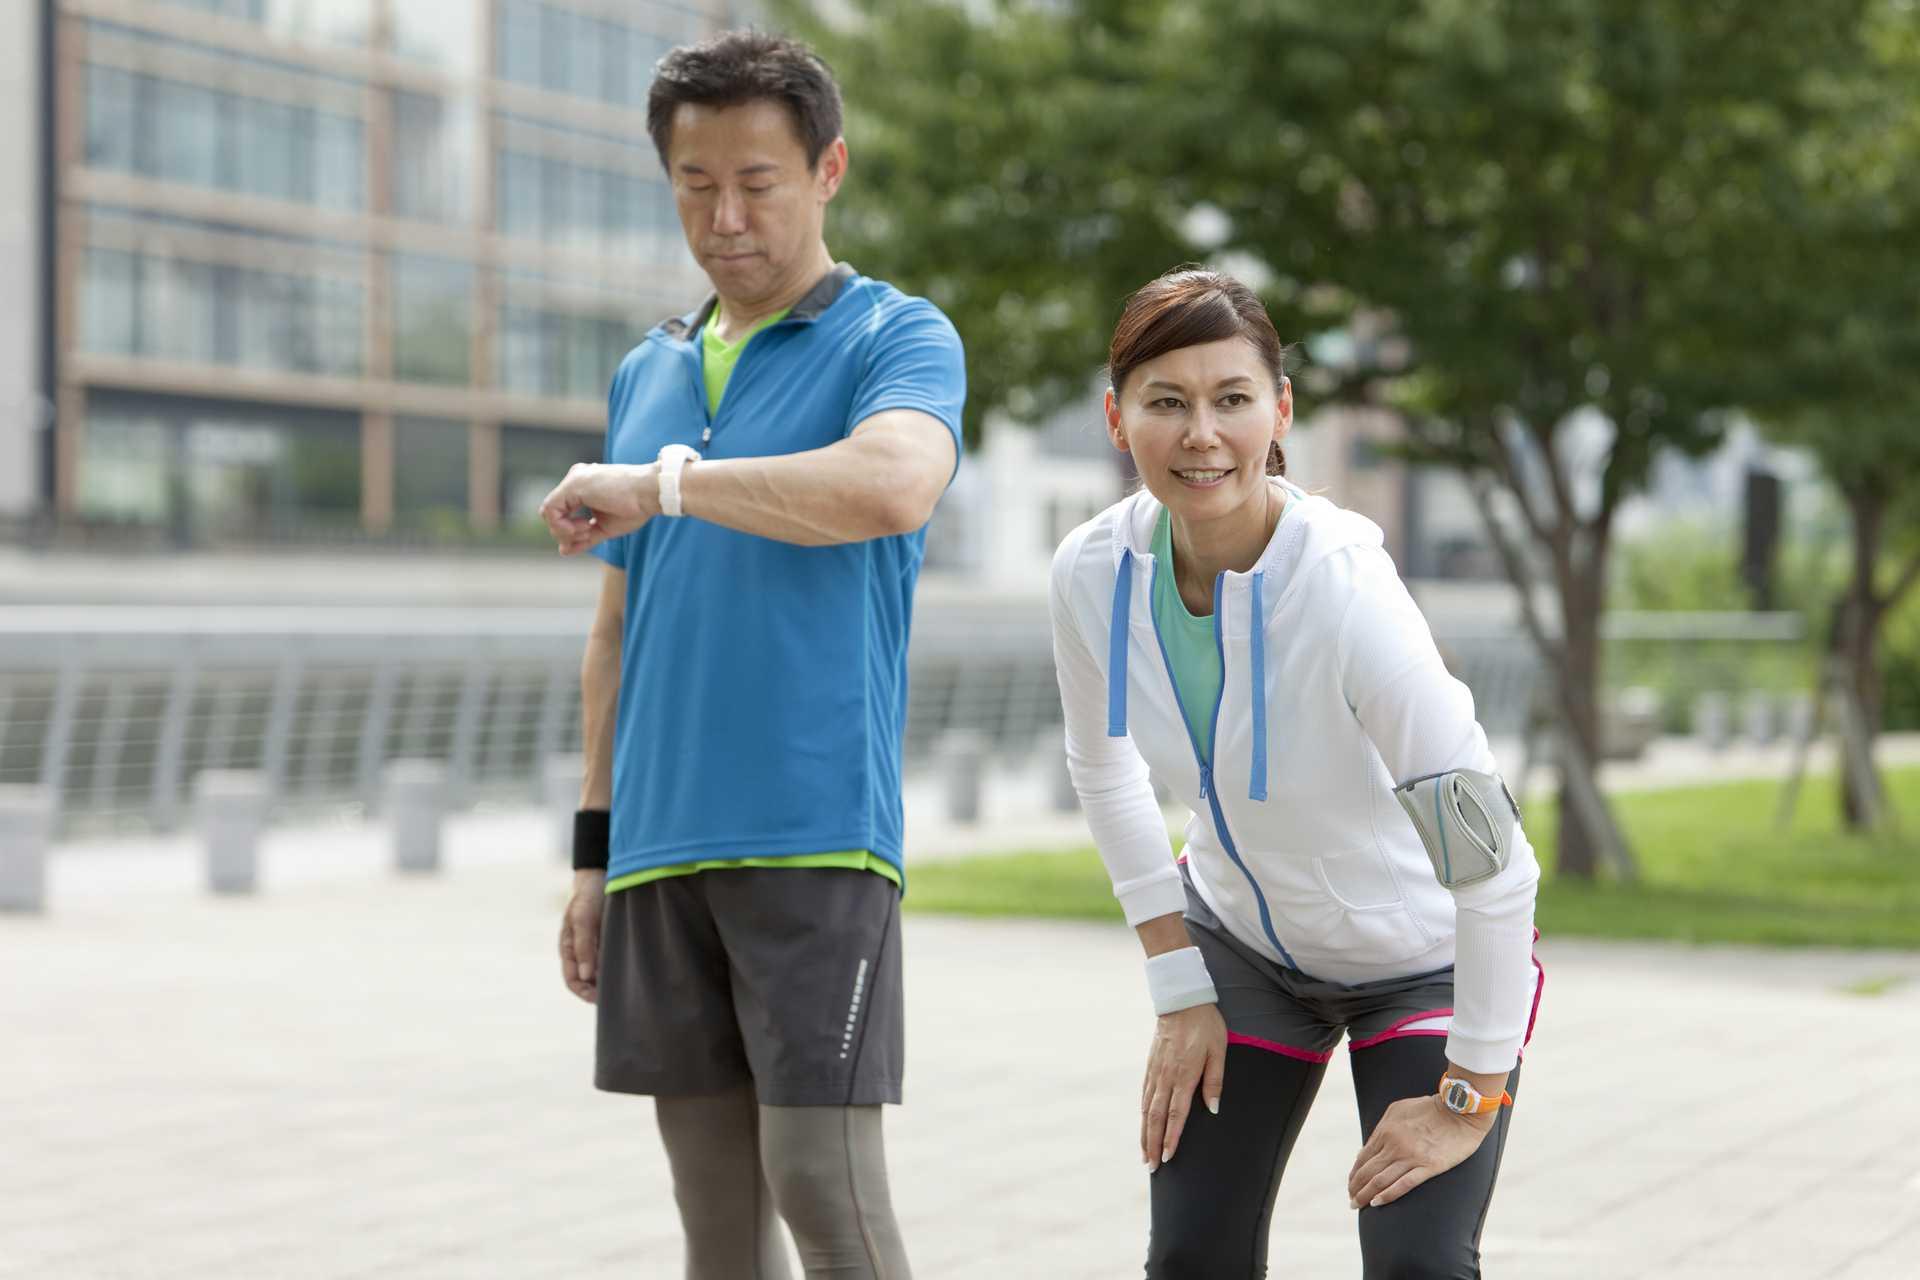 高機能な歩数計は、よきアドバイザー役になる。 | 健康のためになる30の散歩術